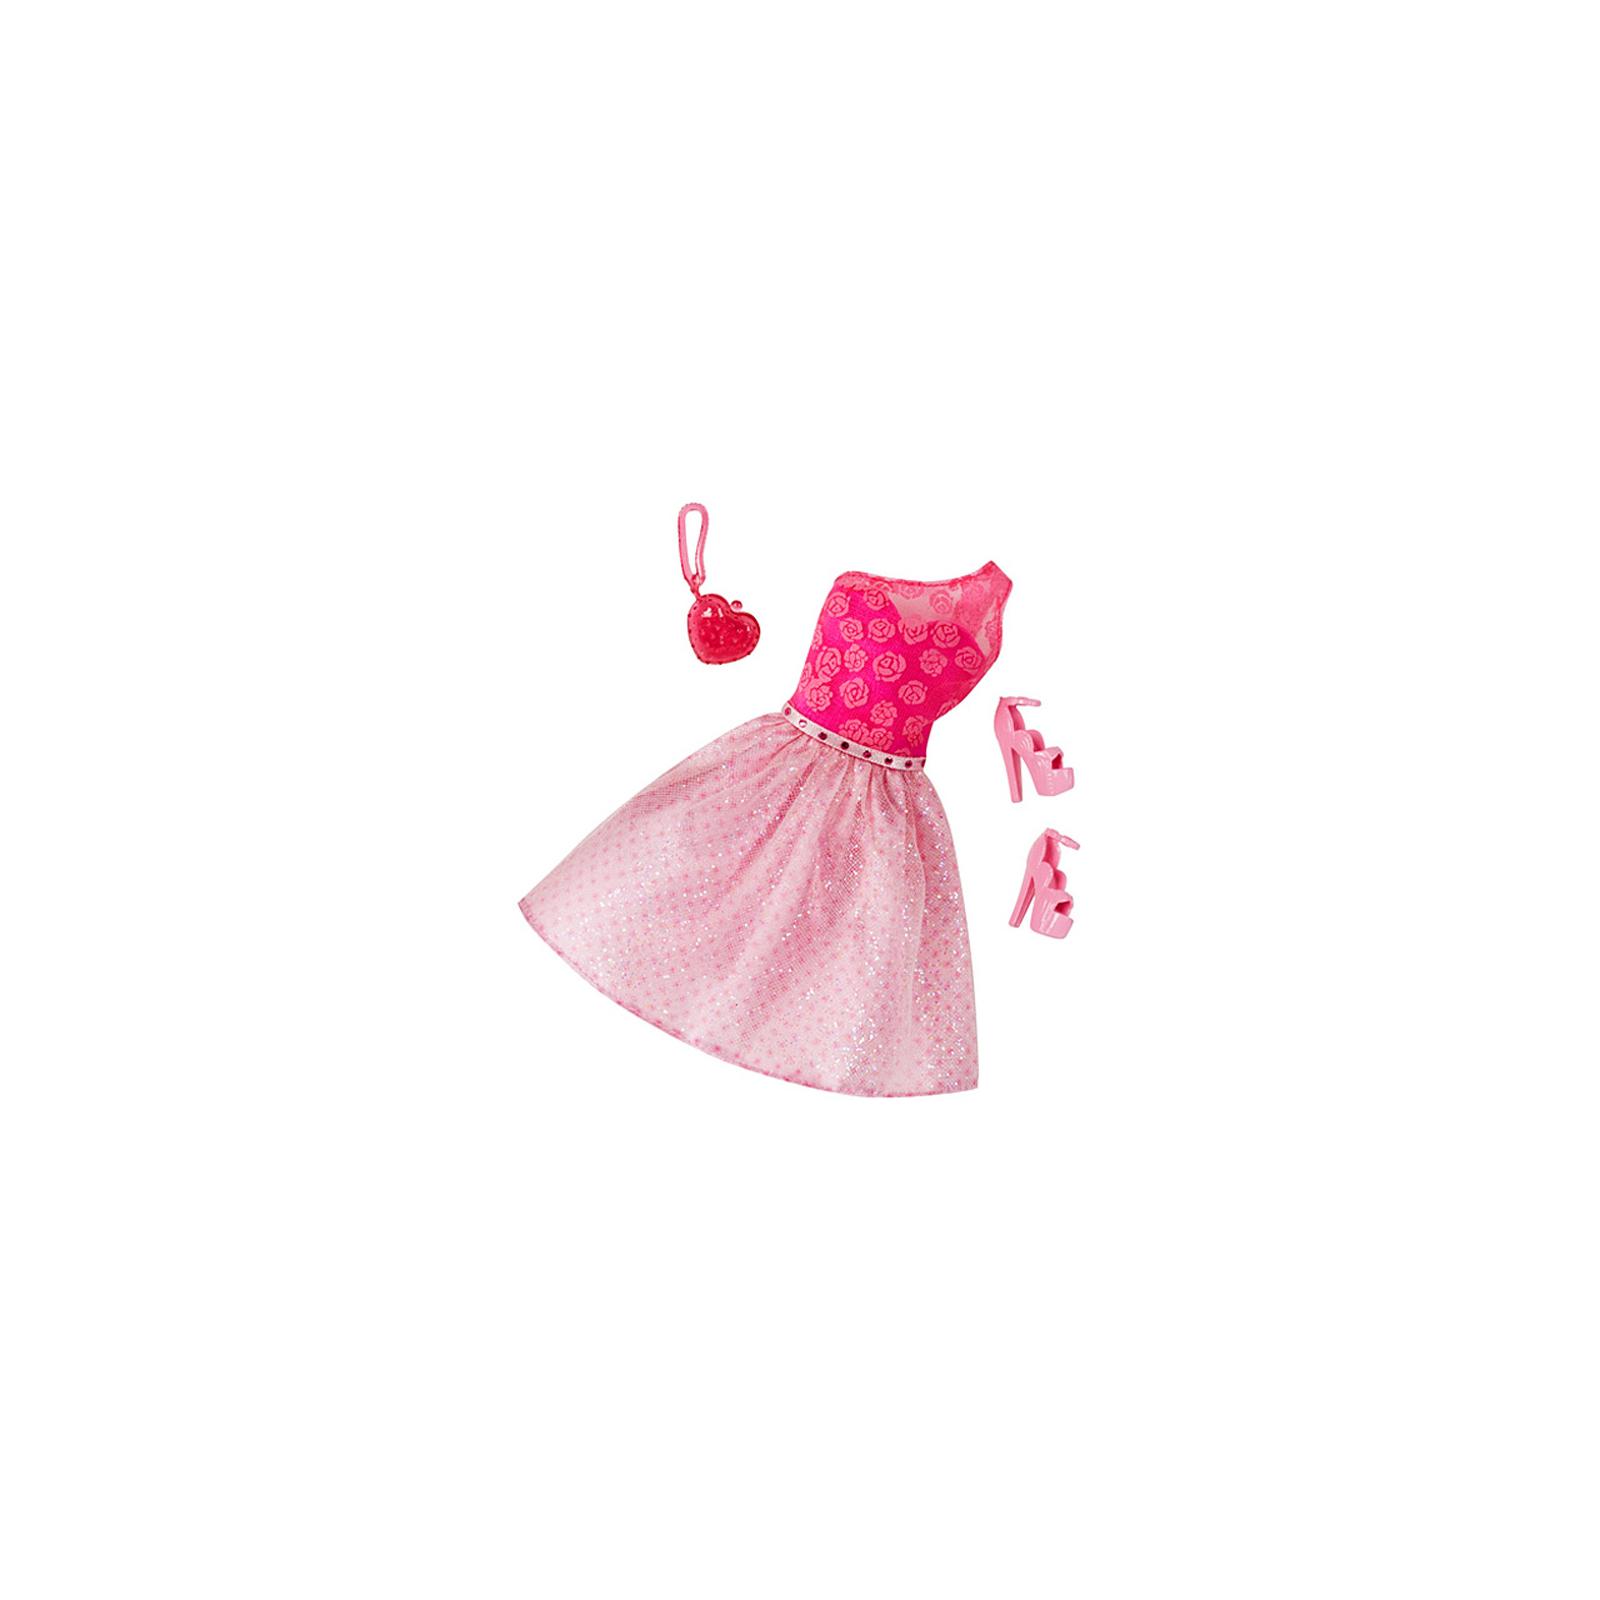 Аксессуар к кукле BARBIE Розовое платье с клатчем-сердечком (CFX92-5)